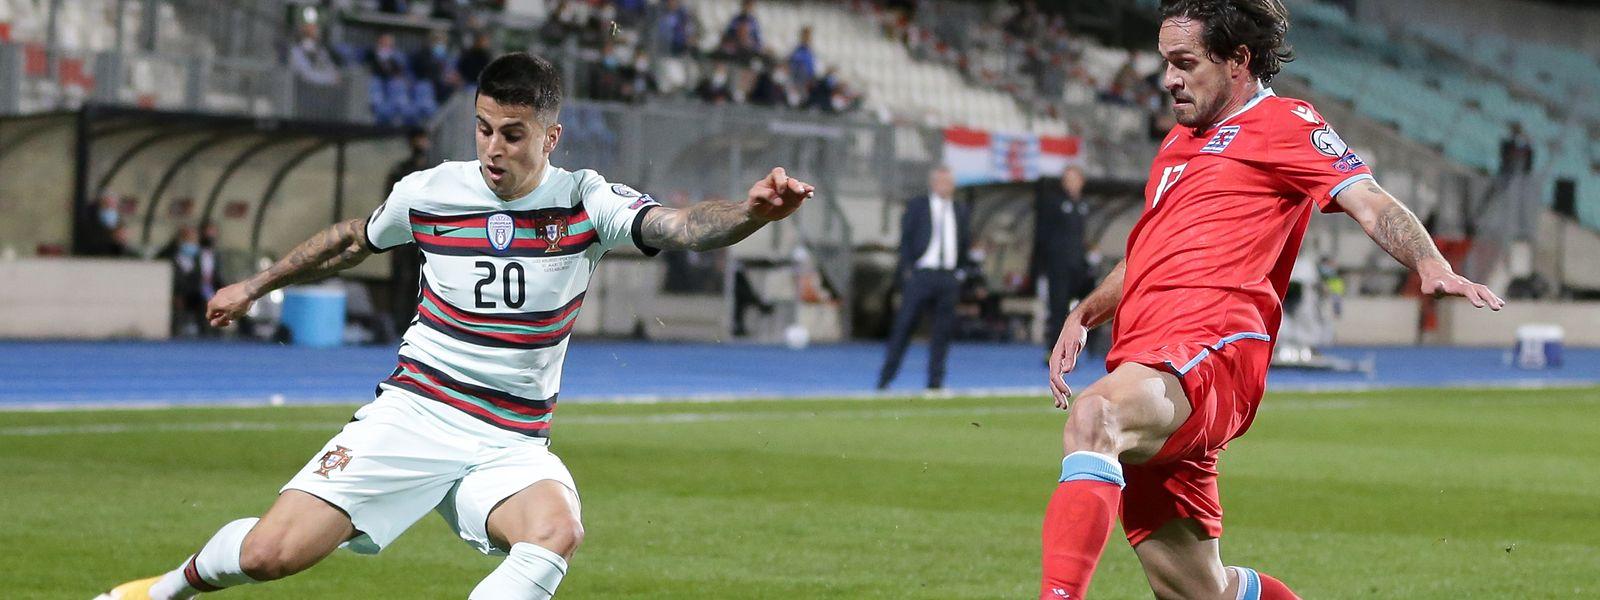 Ende März spielt Joao Cancelo mit Portugal im Stade Josy Barthel gegen Mica Pinto (r.) und die FLF-Auswahl.